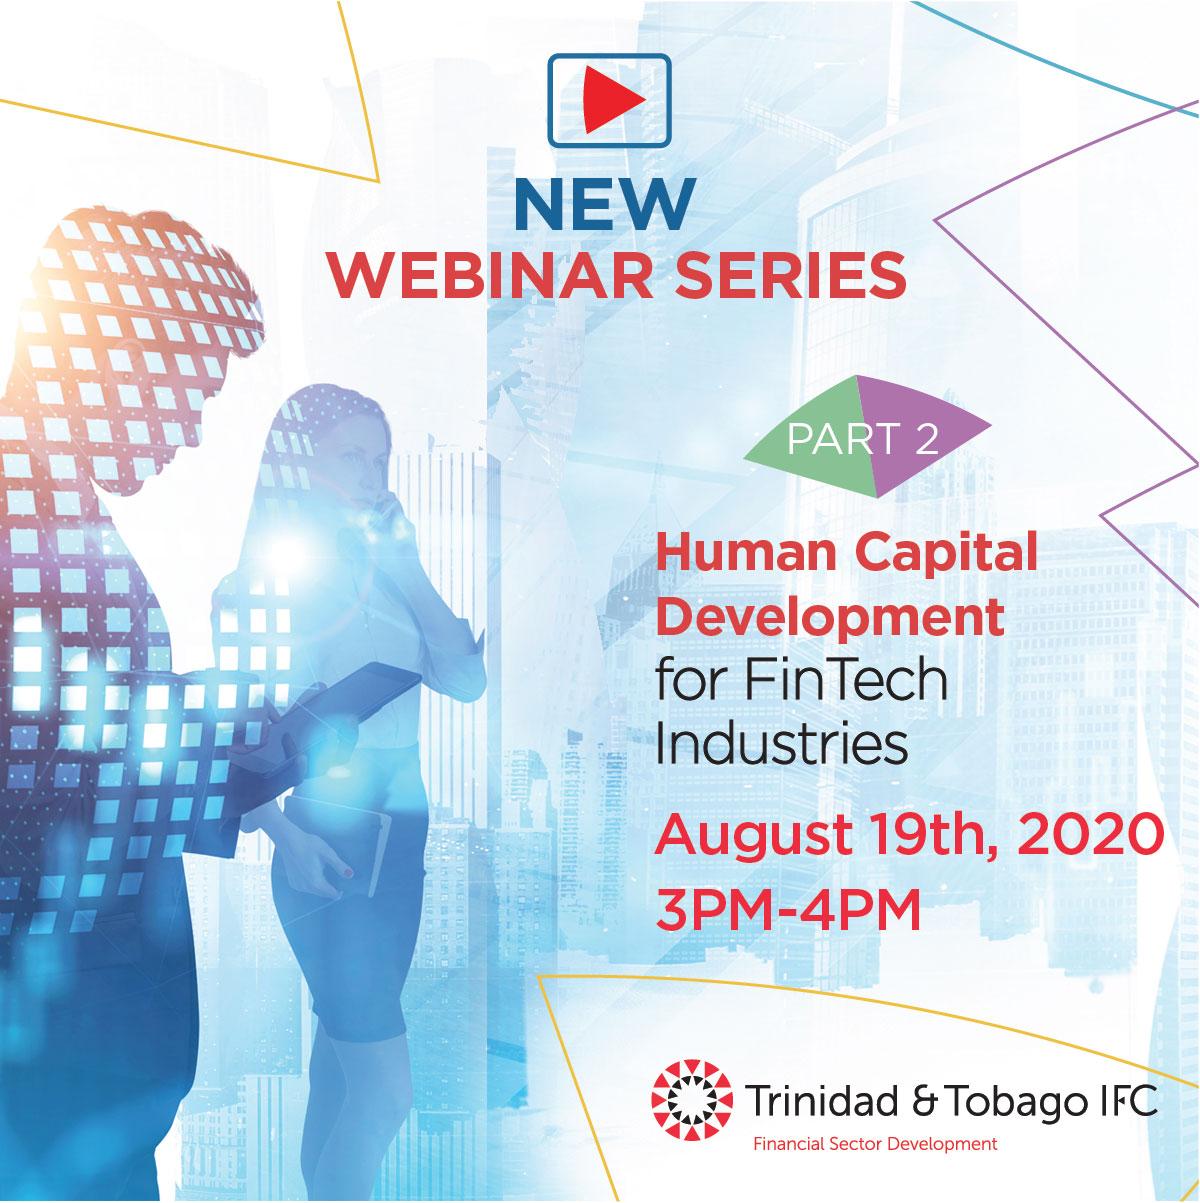 Human Capital Development for FinTech Industries -  Part 2